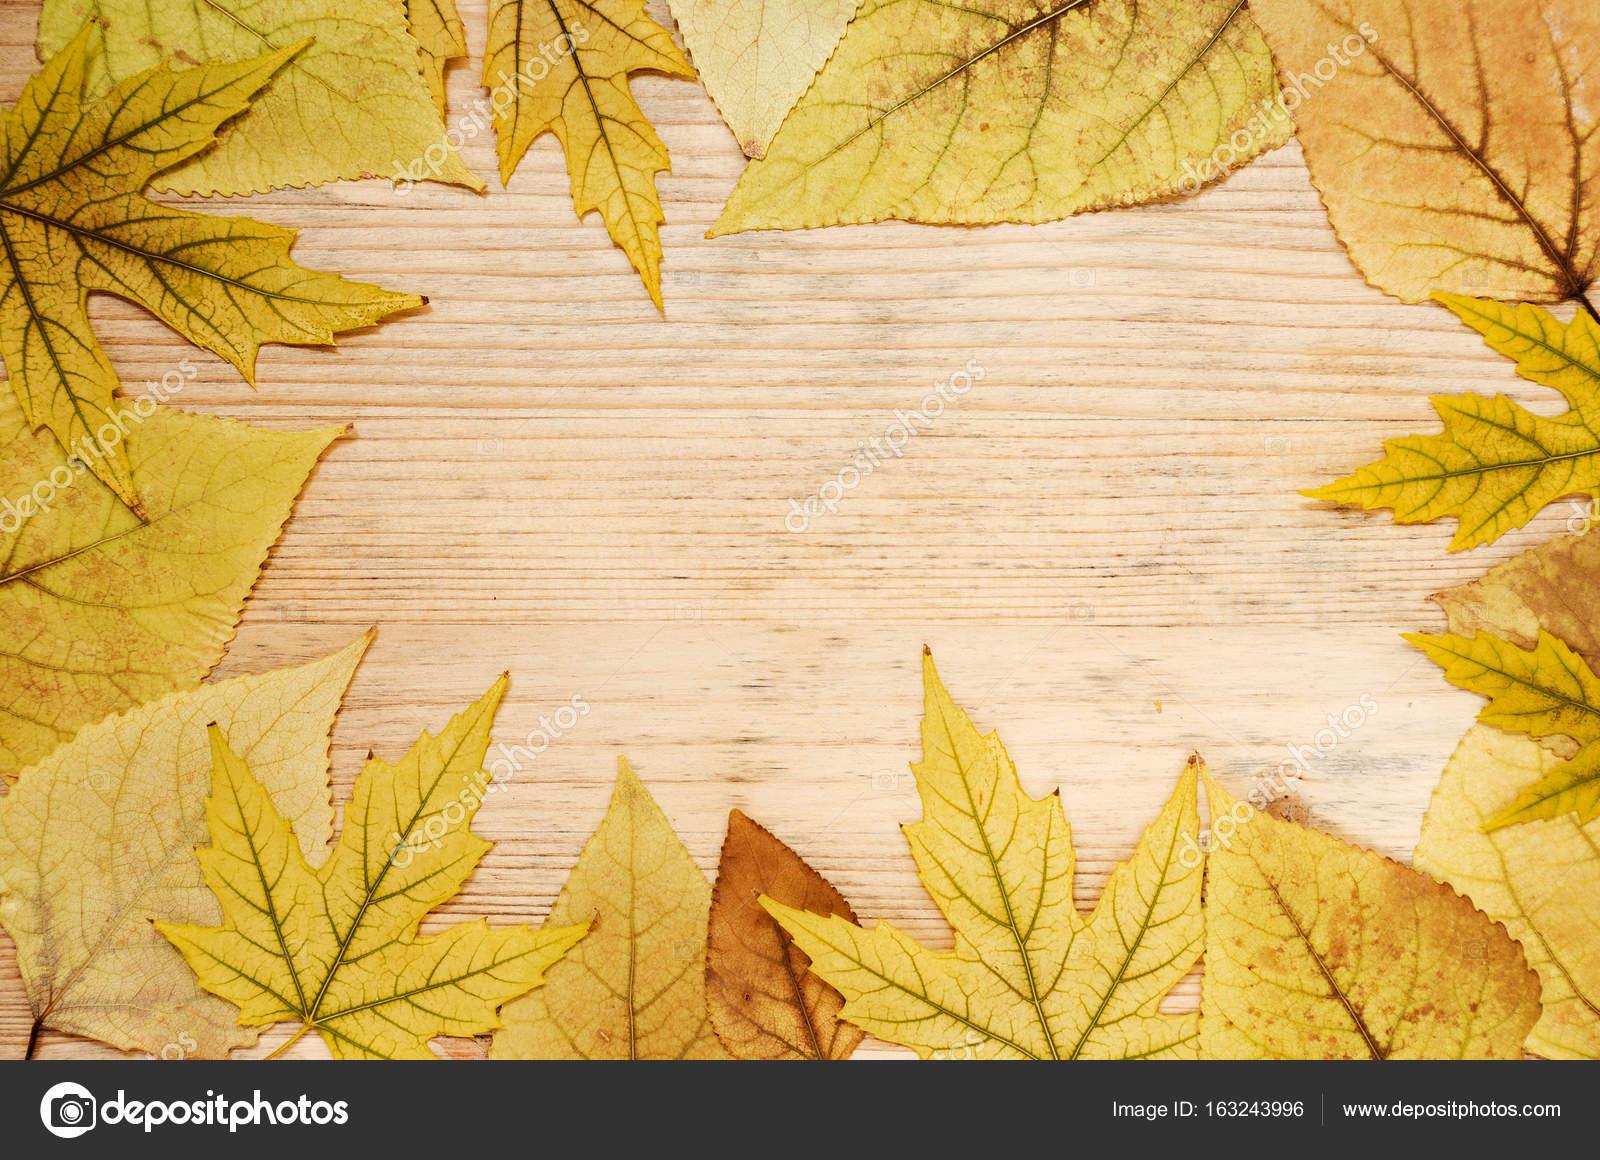 Marco de hojas de otoño amarillo sobre un fondo de madera. Tarjeta ...